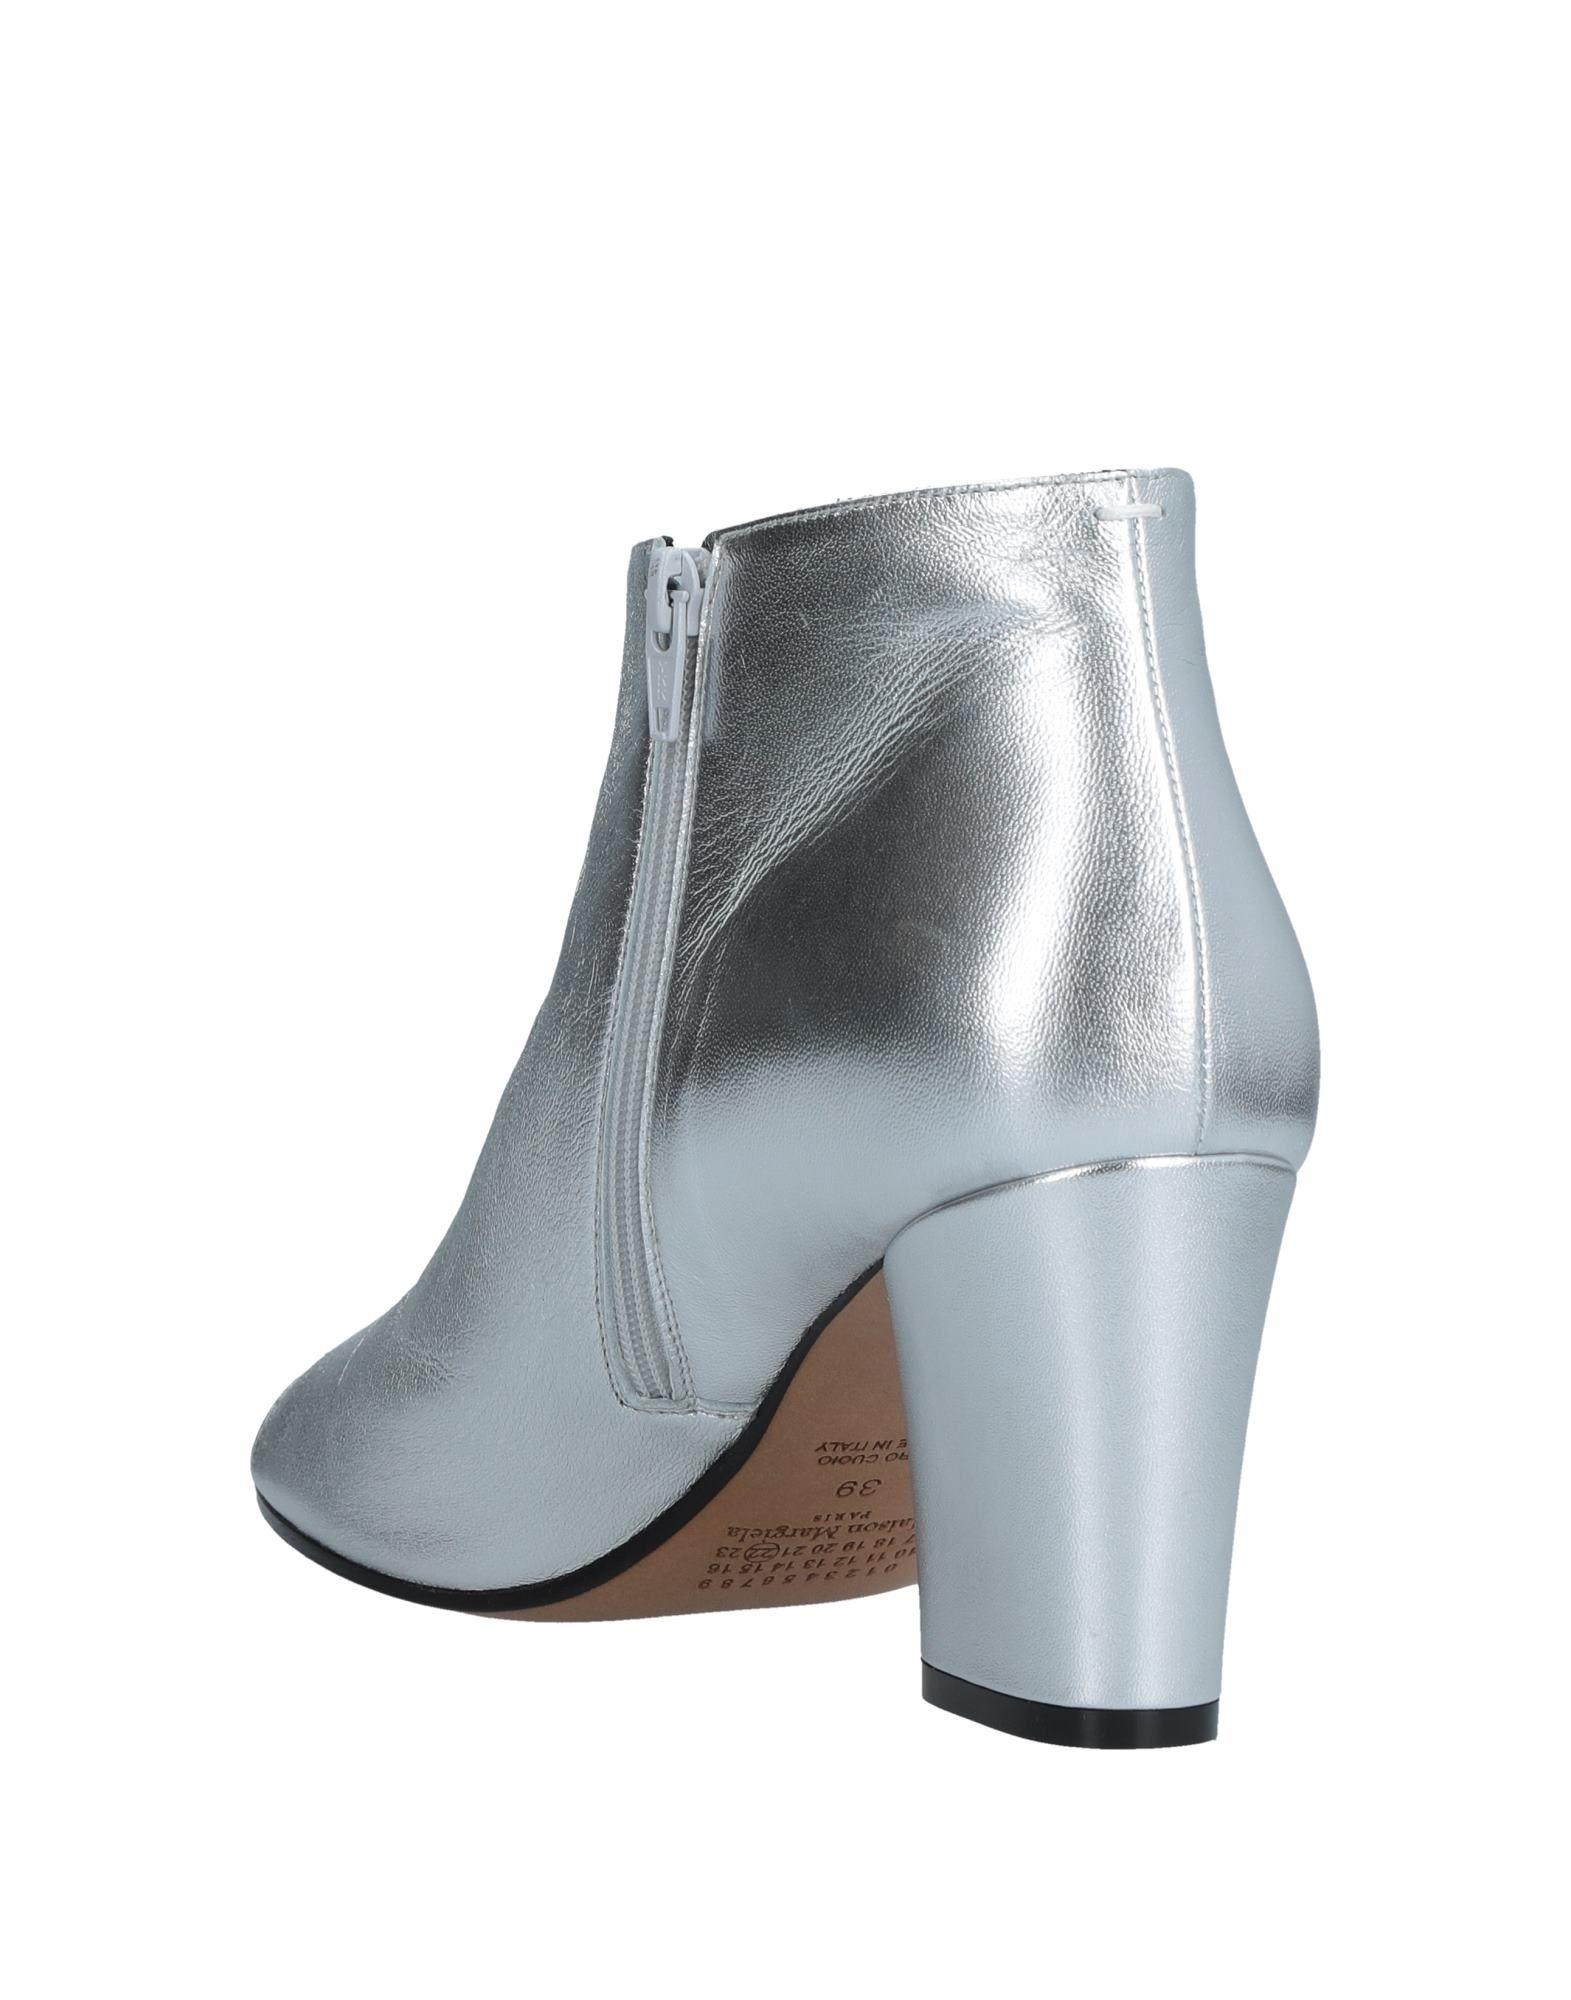 Maison 11535506QXGünstige Margiela Stiefelette Damen  11535506QXGünstige Maison gut aussehende Schuhe 1ed2ee